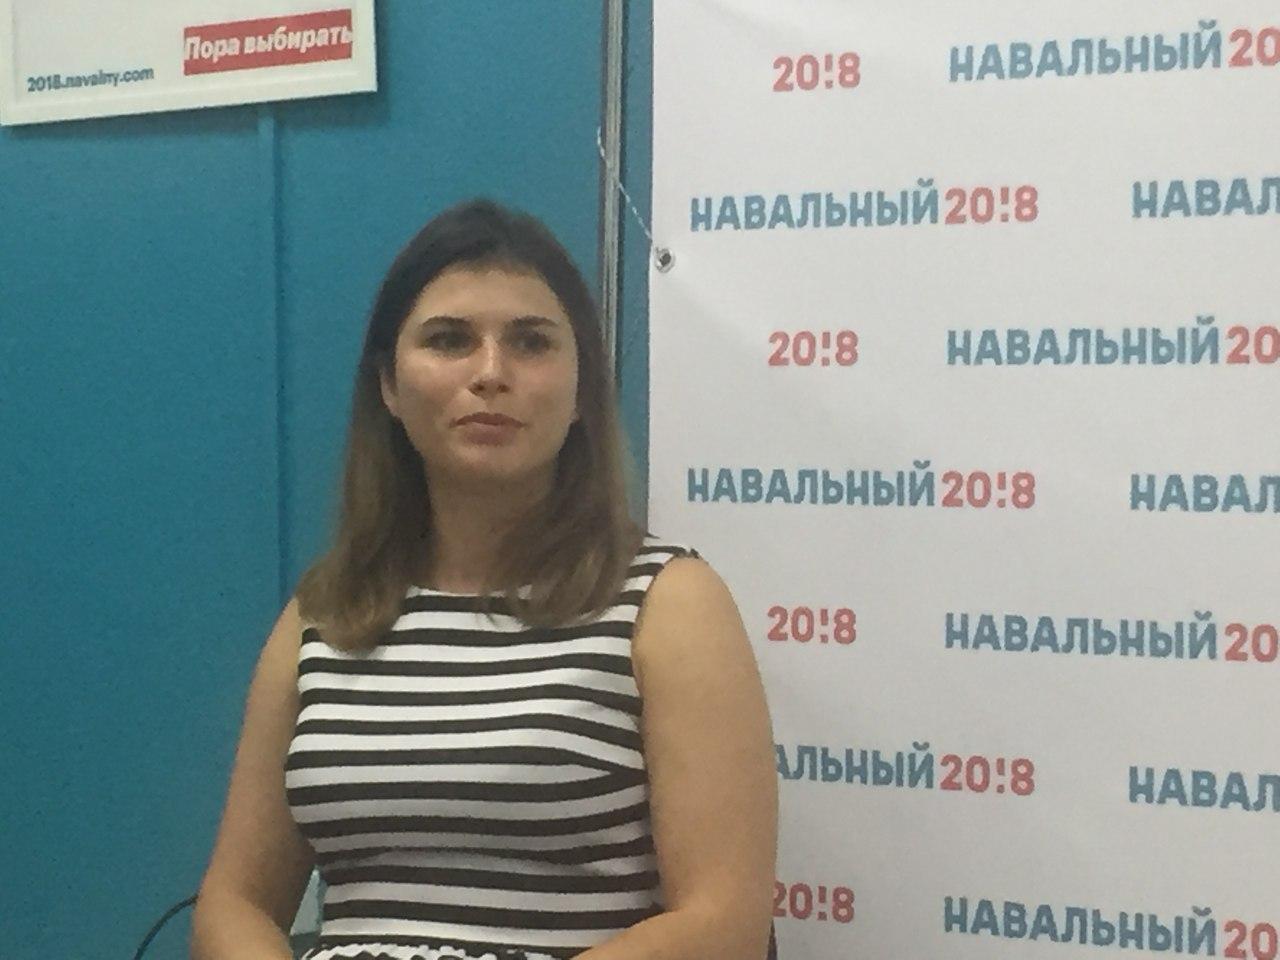 Пресс-аташе кампании Навального задержали вКазани